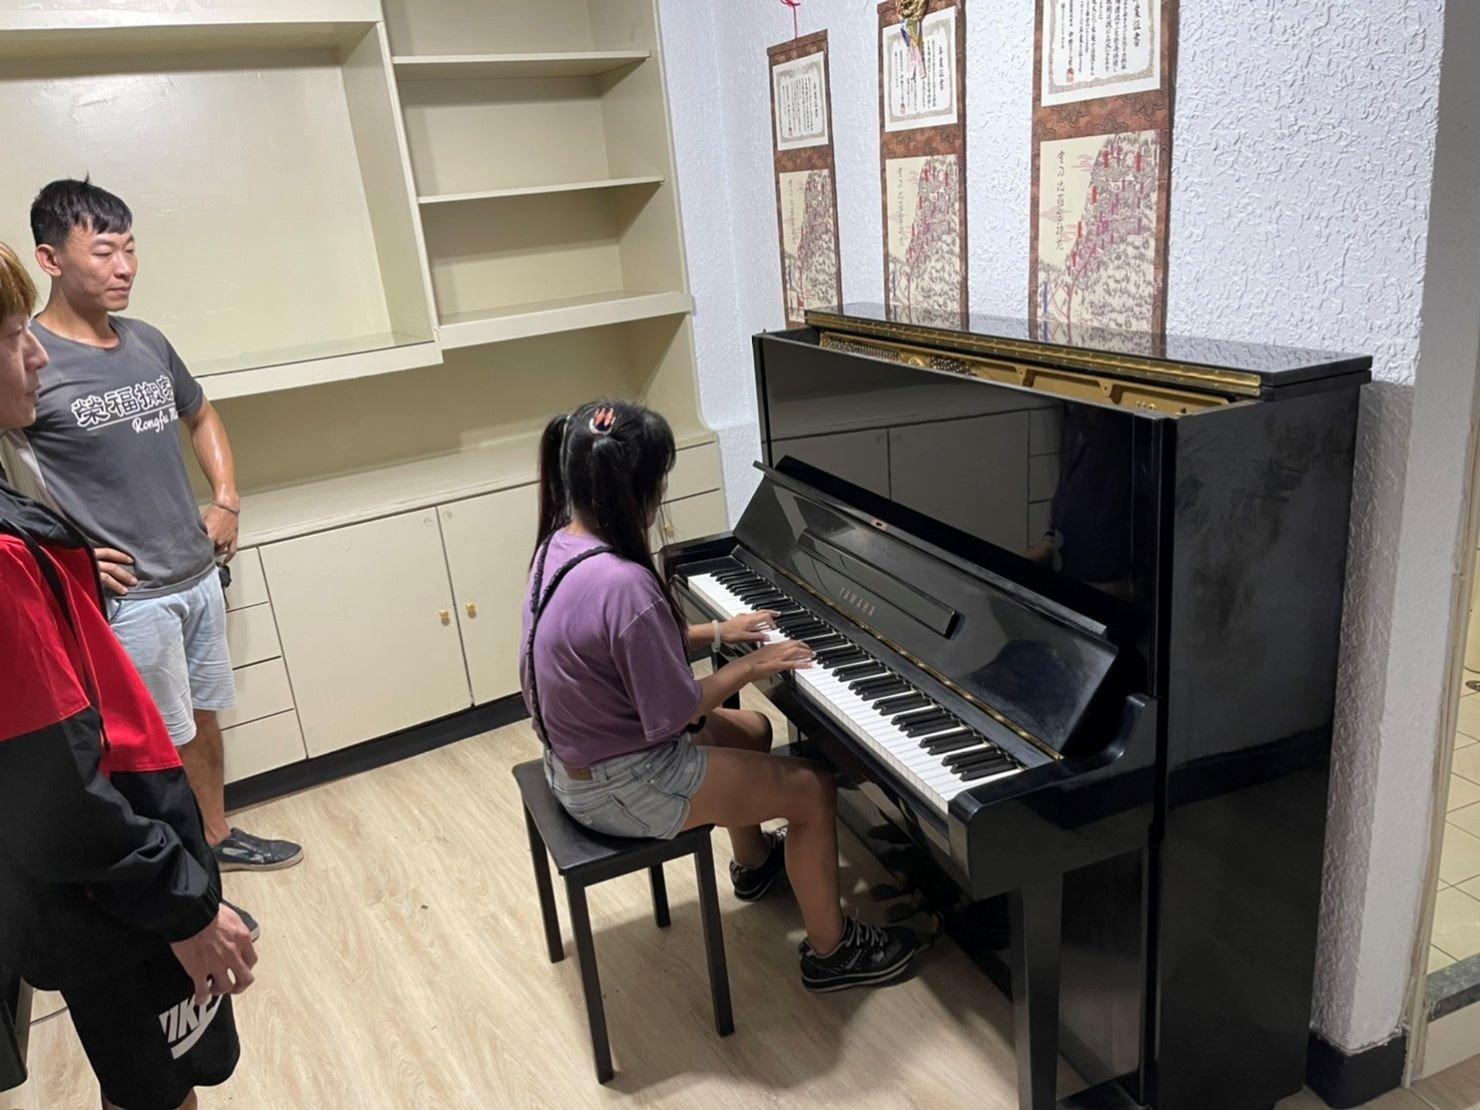 搬家推薦【榮福搬家】搬家口碑第一、台北搬家、新北搬家:鋼琴搬運至顧客新居後,依照顧客指定位置定位擺放,並拆卸掉防護布套。